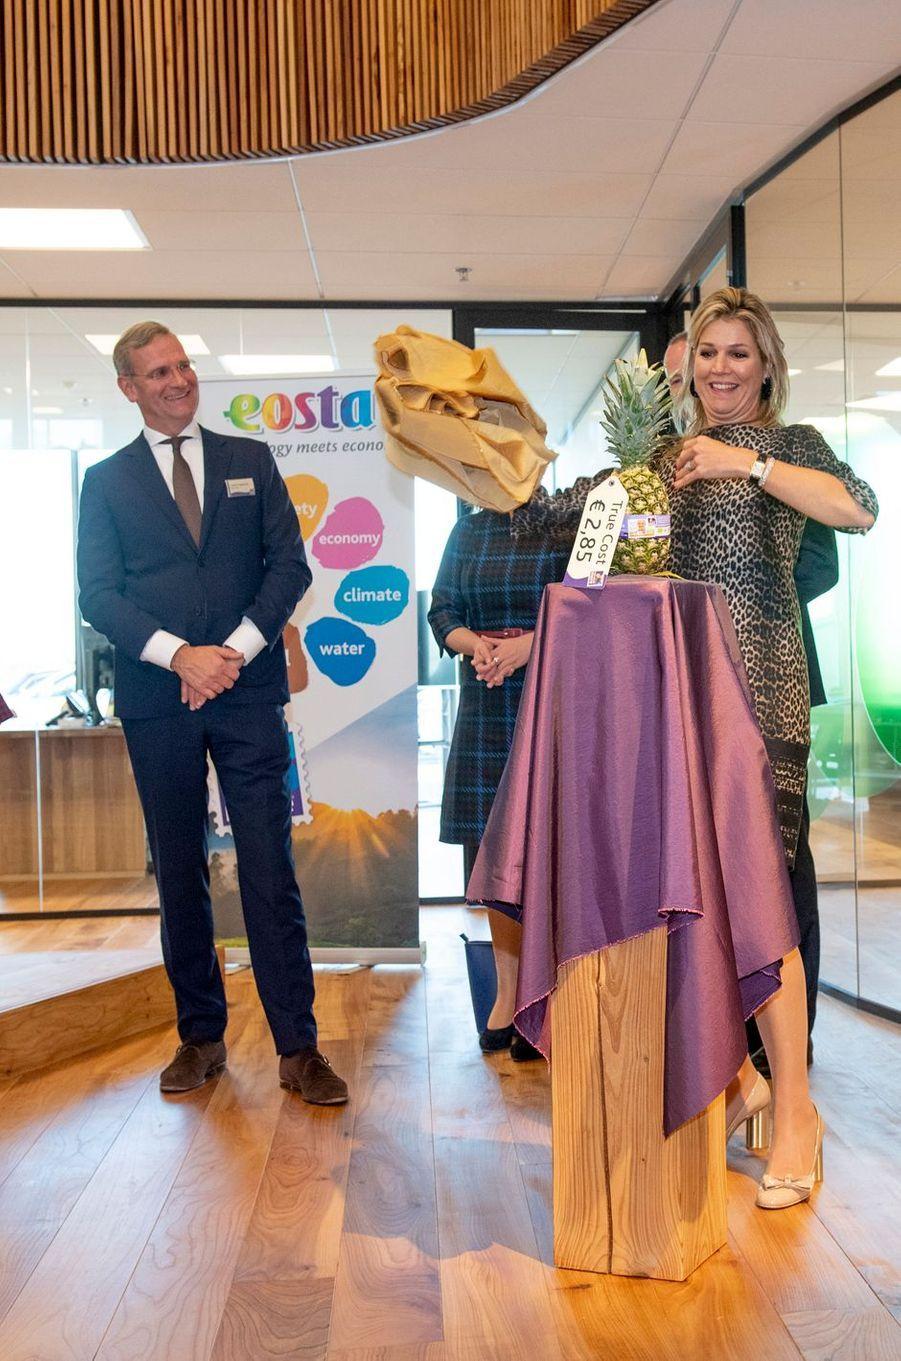 La reine Maxima des Pays-Bas visite Eosta, le 4 décembre 2018 à Waddinxveen